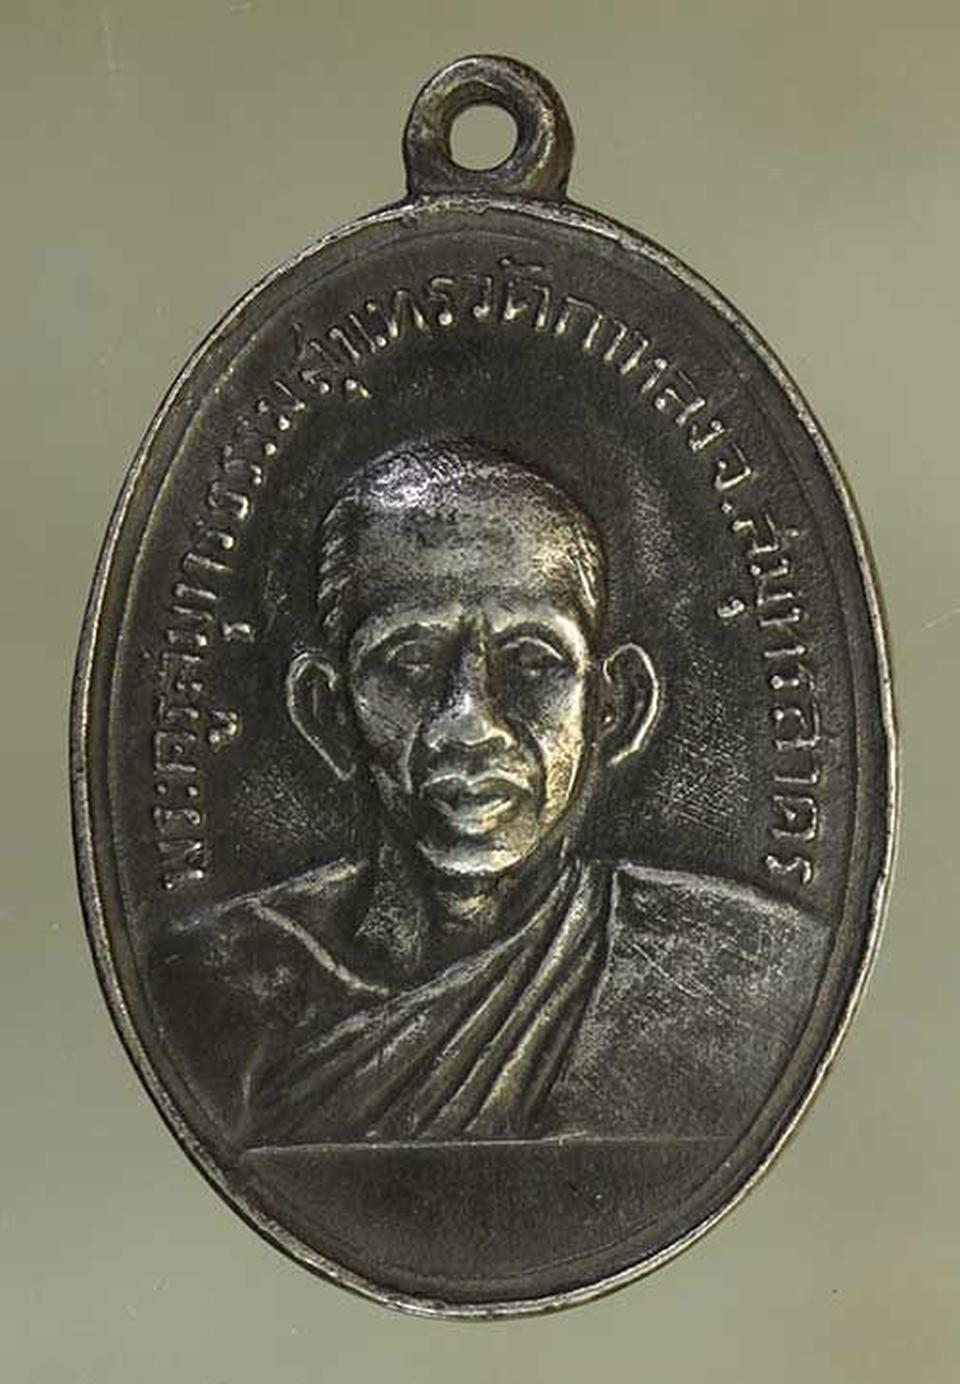 เหรียญ หลวงพ่อสุด วัดกาหลง เนื้อเงิน  j89 รูปที่ 2